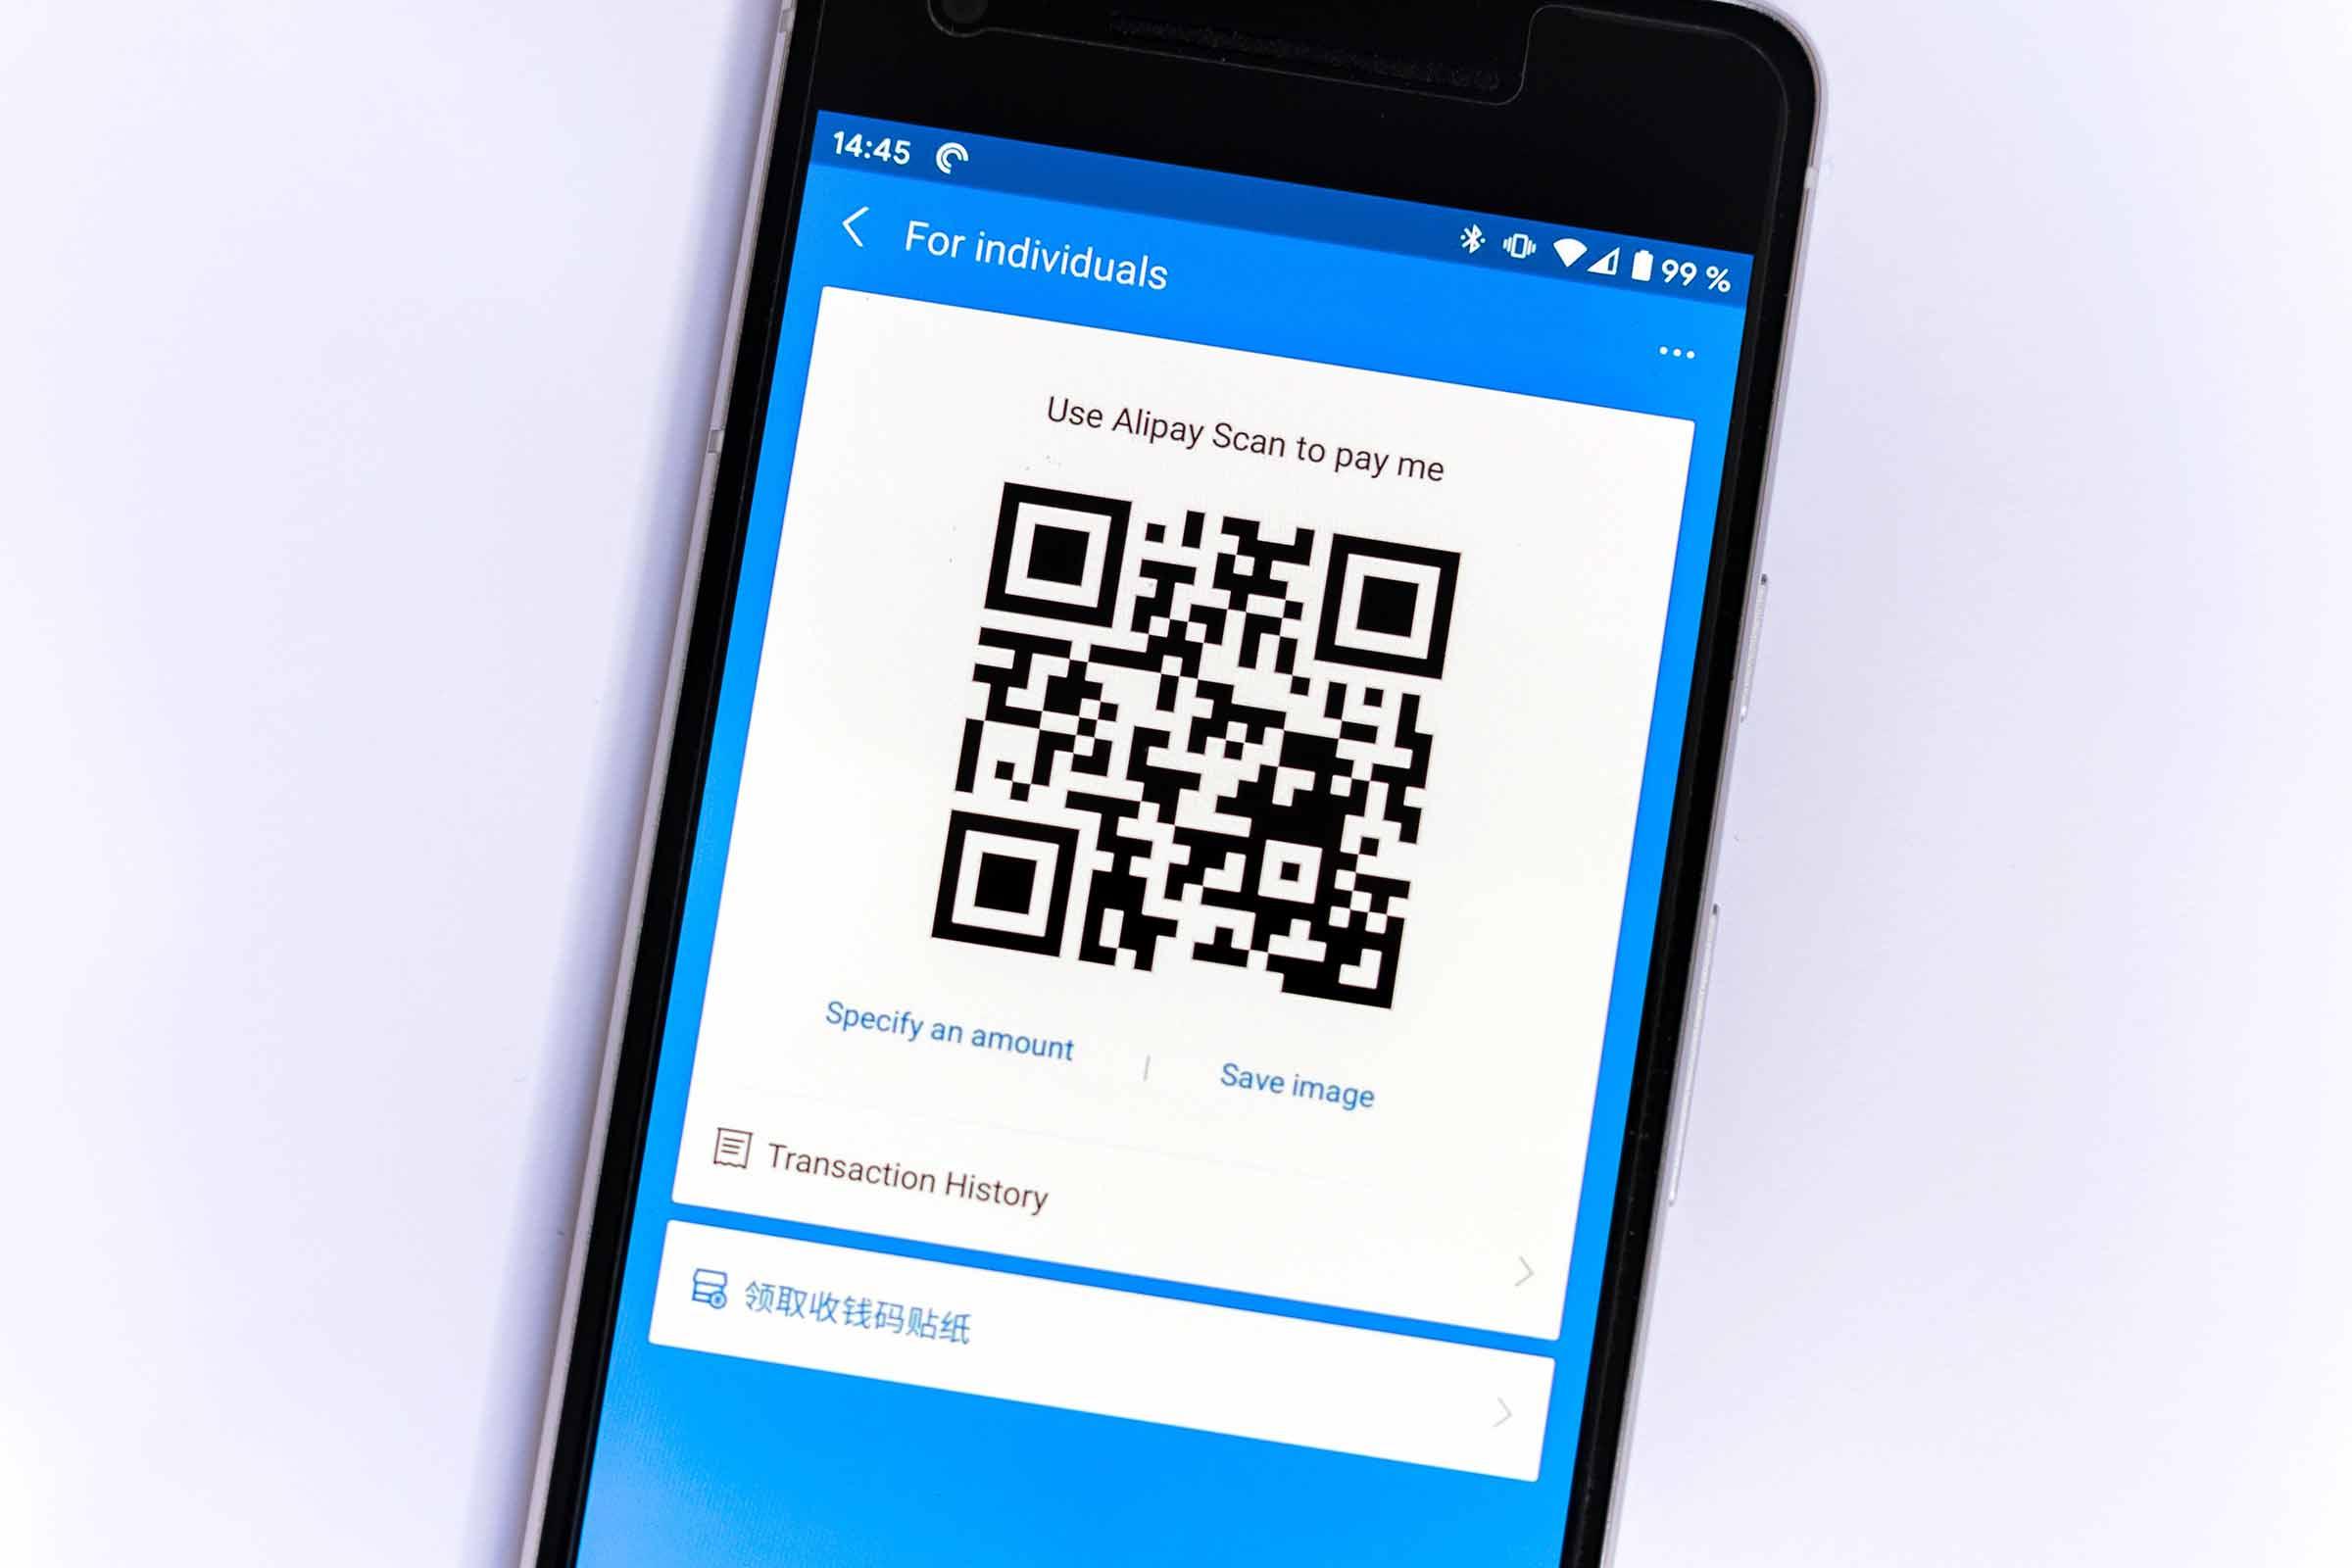 キャッシュレス決済,キャッシュレス化,理由,ミニ財布,PayPay